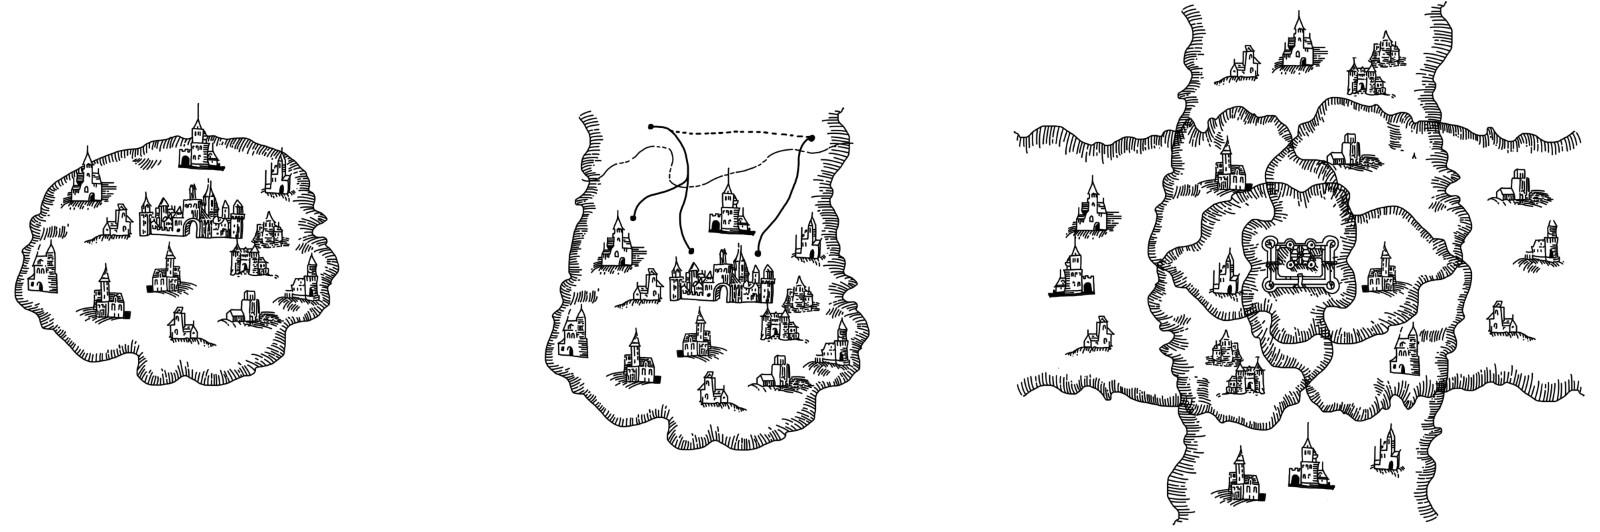 More's peninsula